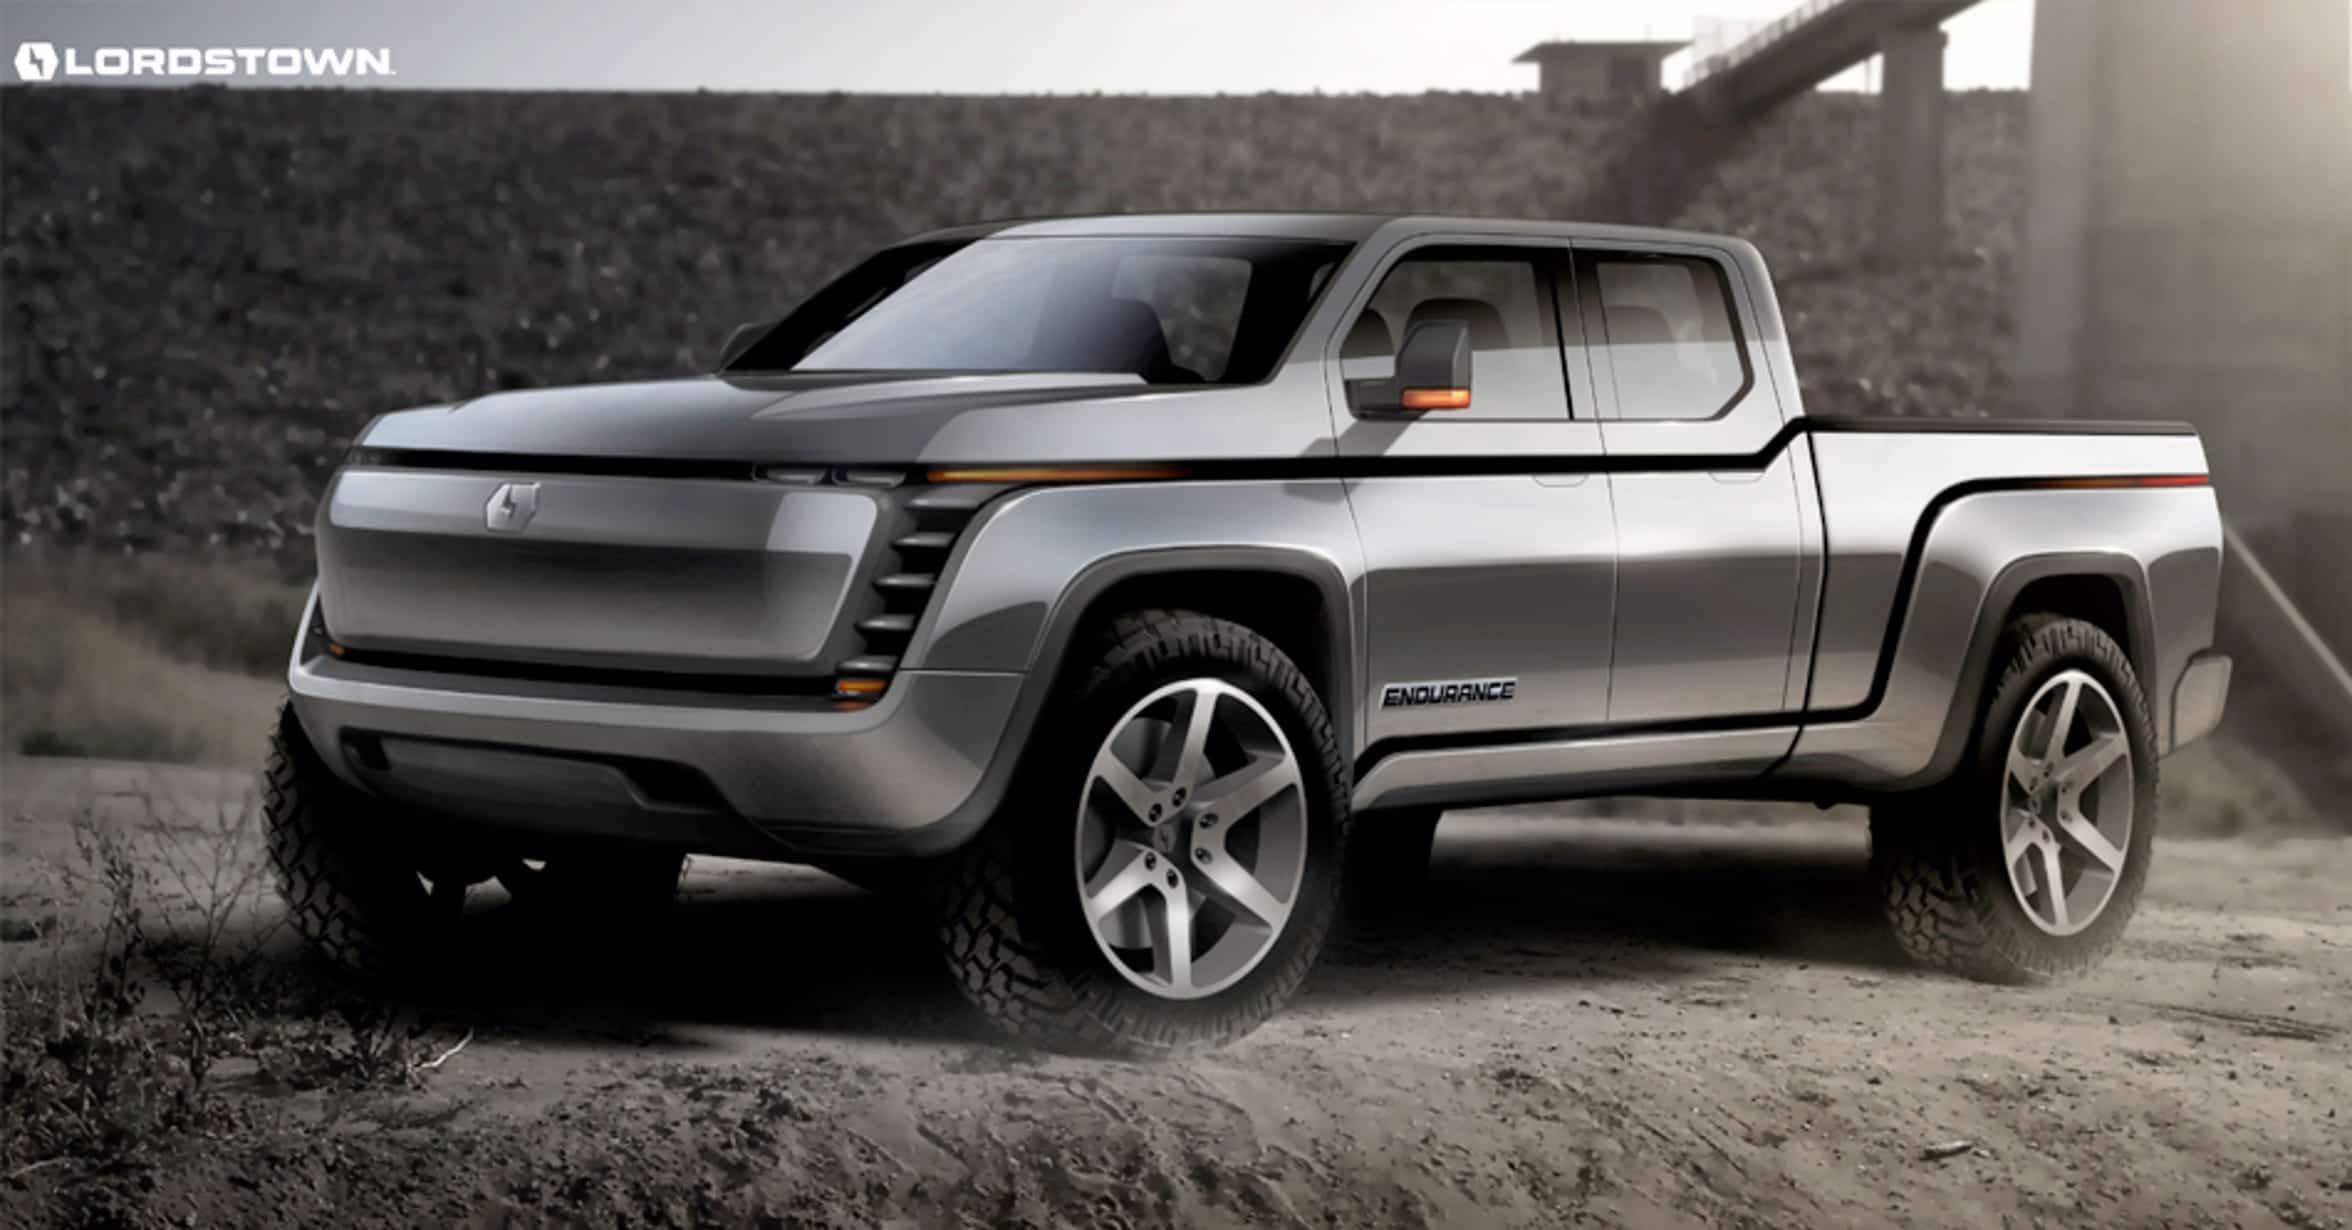 Lordstown Motors Endurance pickup rendering